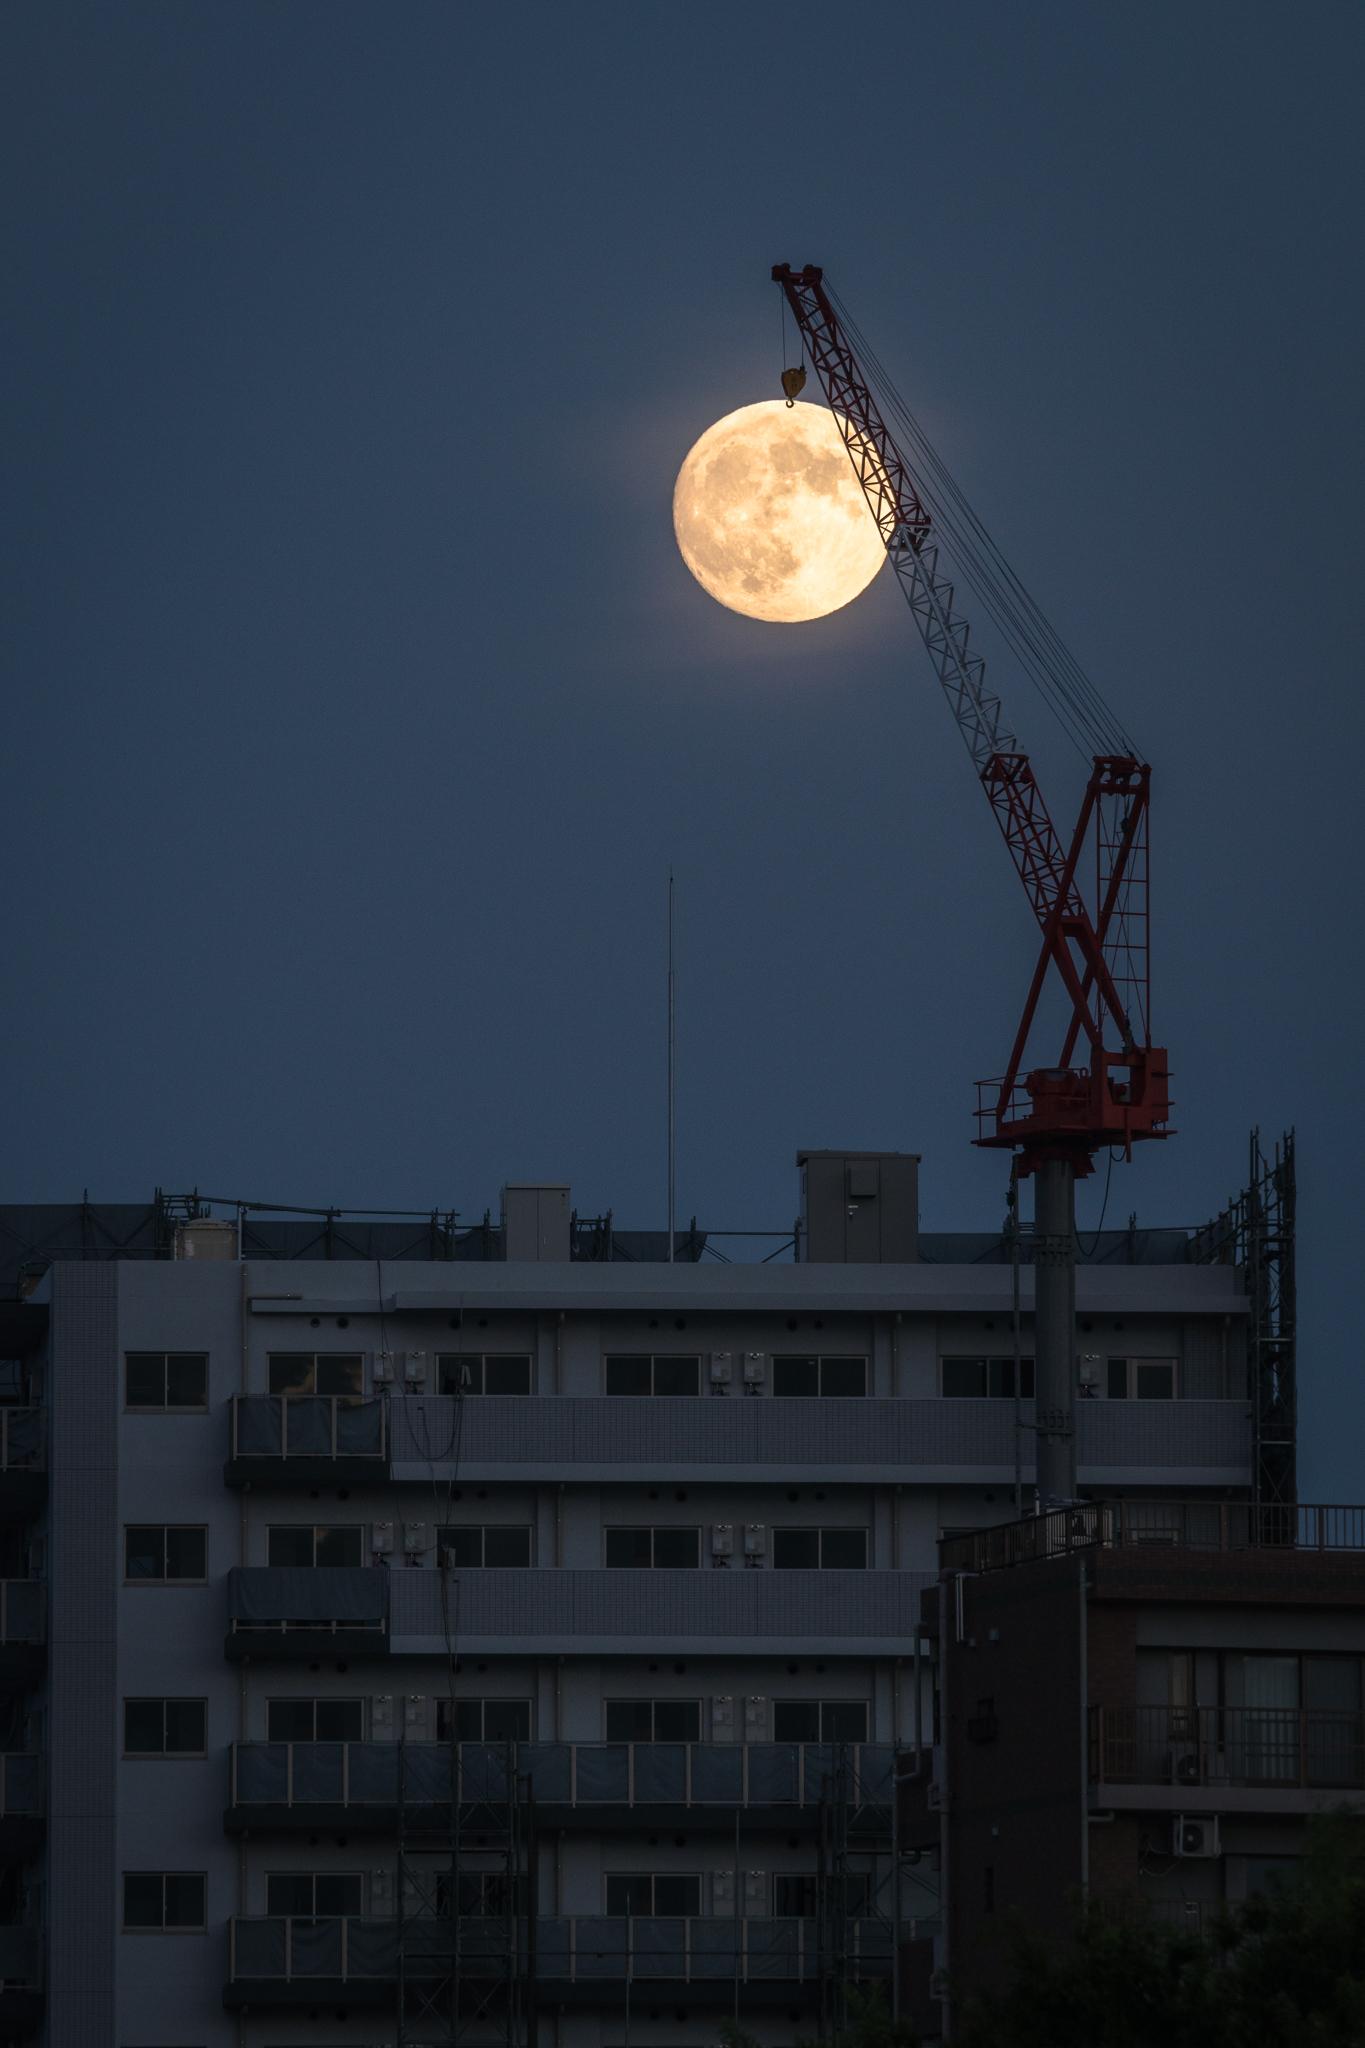 「月の出」 江戸川河川敷より